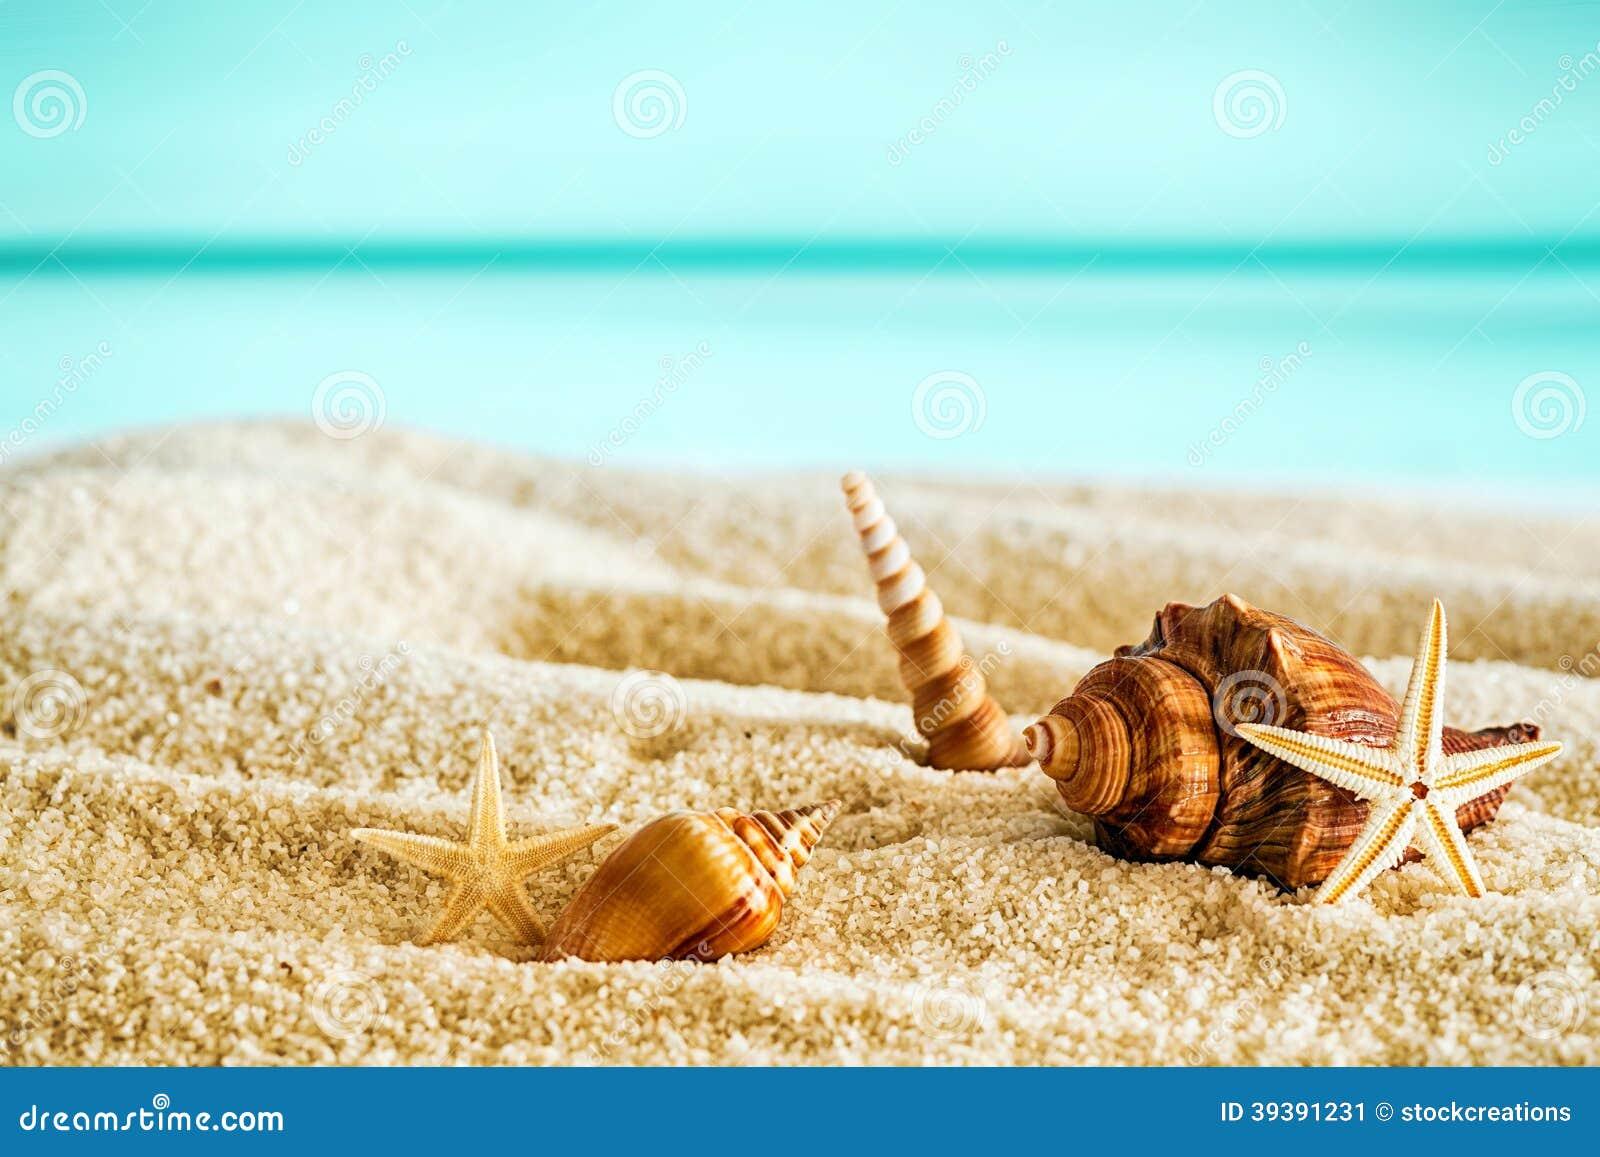 sch ner tropischer strand mit muscheln stockfoto bild 39391231. Black Bedroom Furniture Sets. Home Design Ideas